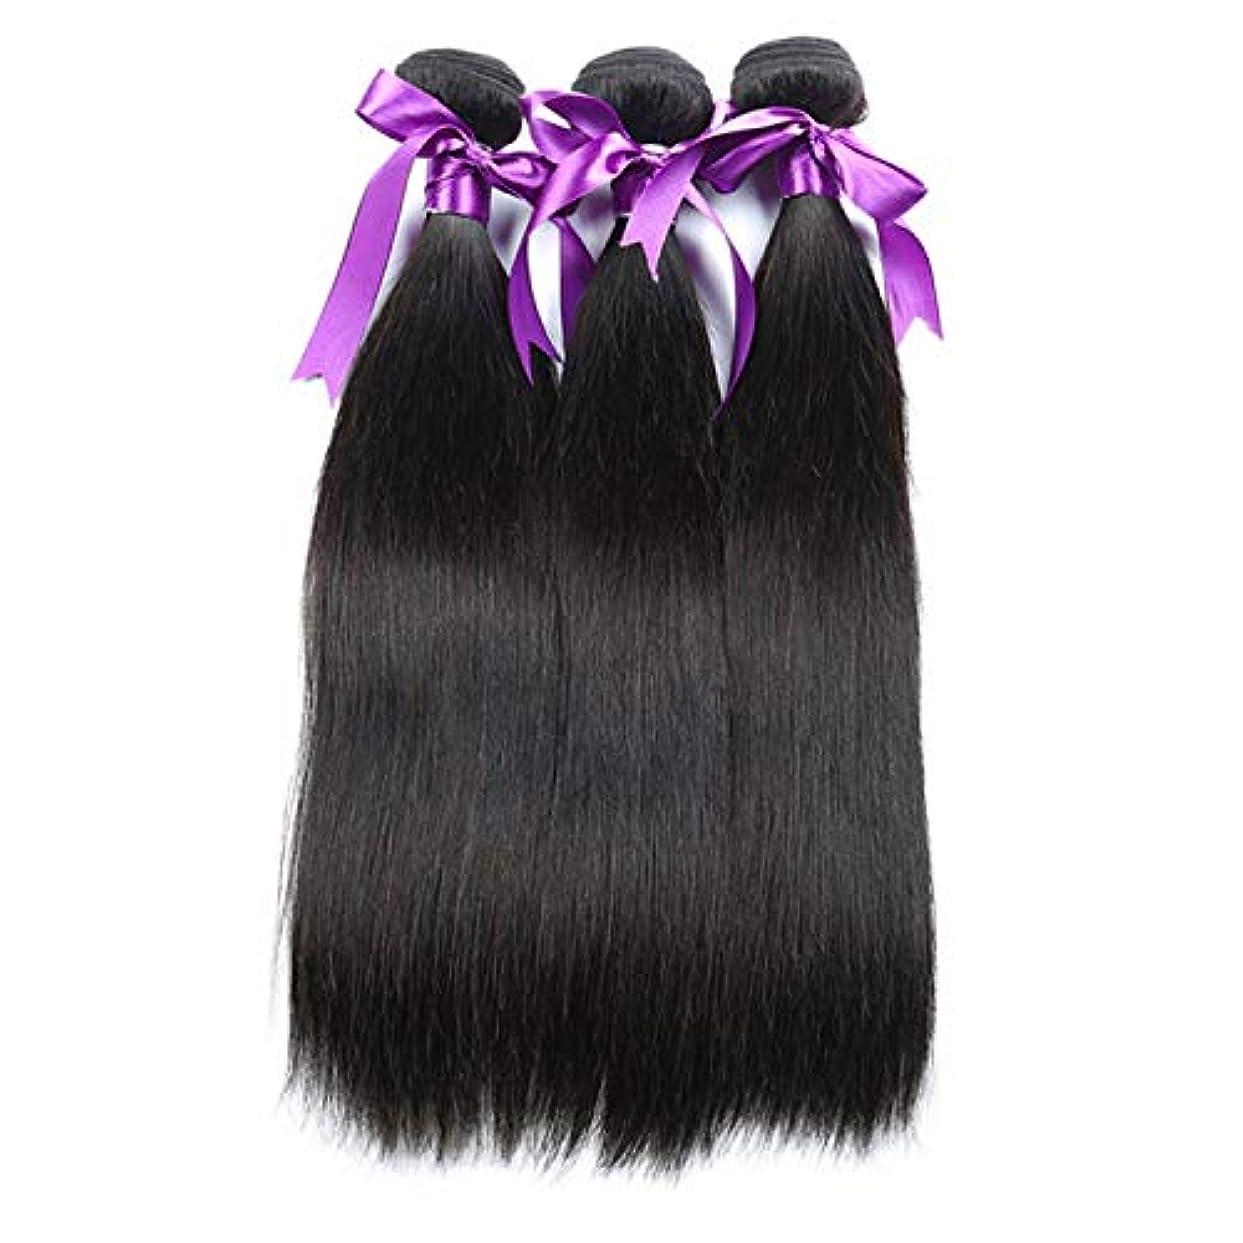 排泄する間違い敗北かつら 髪マレーシアストレートヘア3個人間の髪の束非レミーの毛延長8-28インチボディヘアウィッグ (Length : 12 14 16)